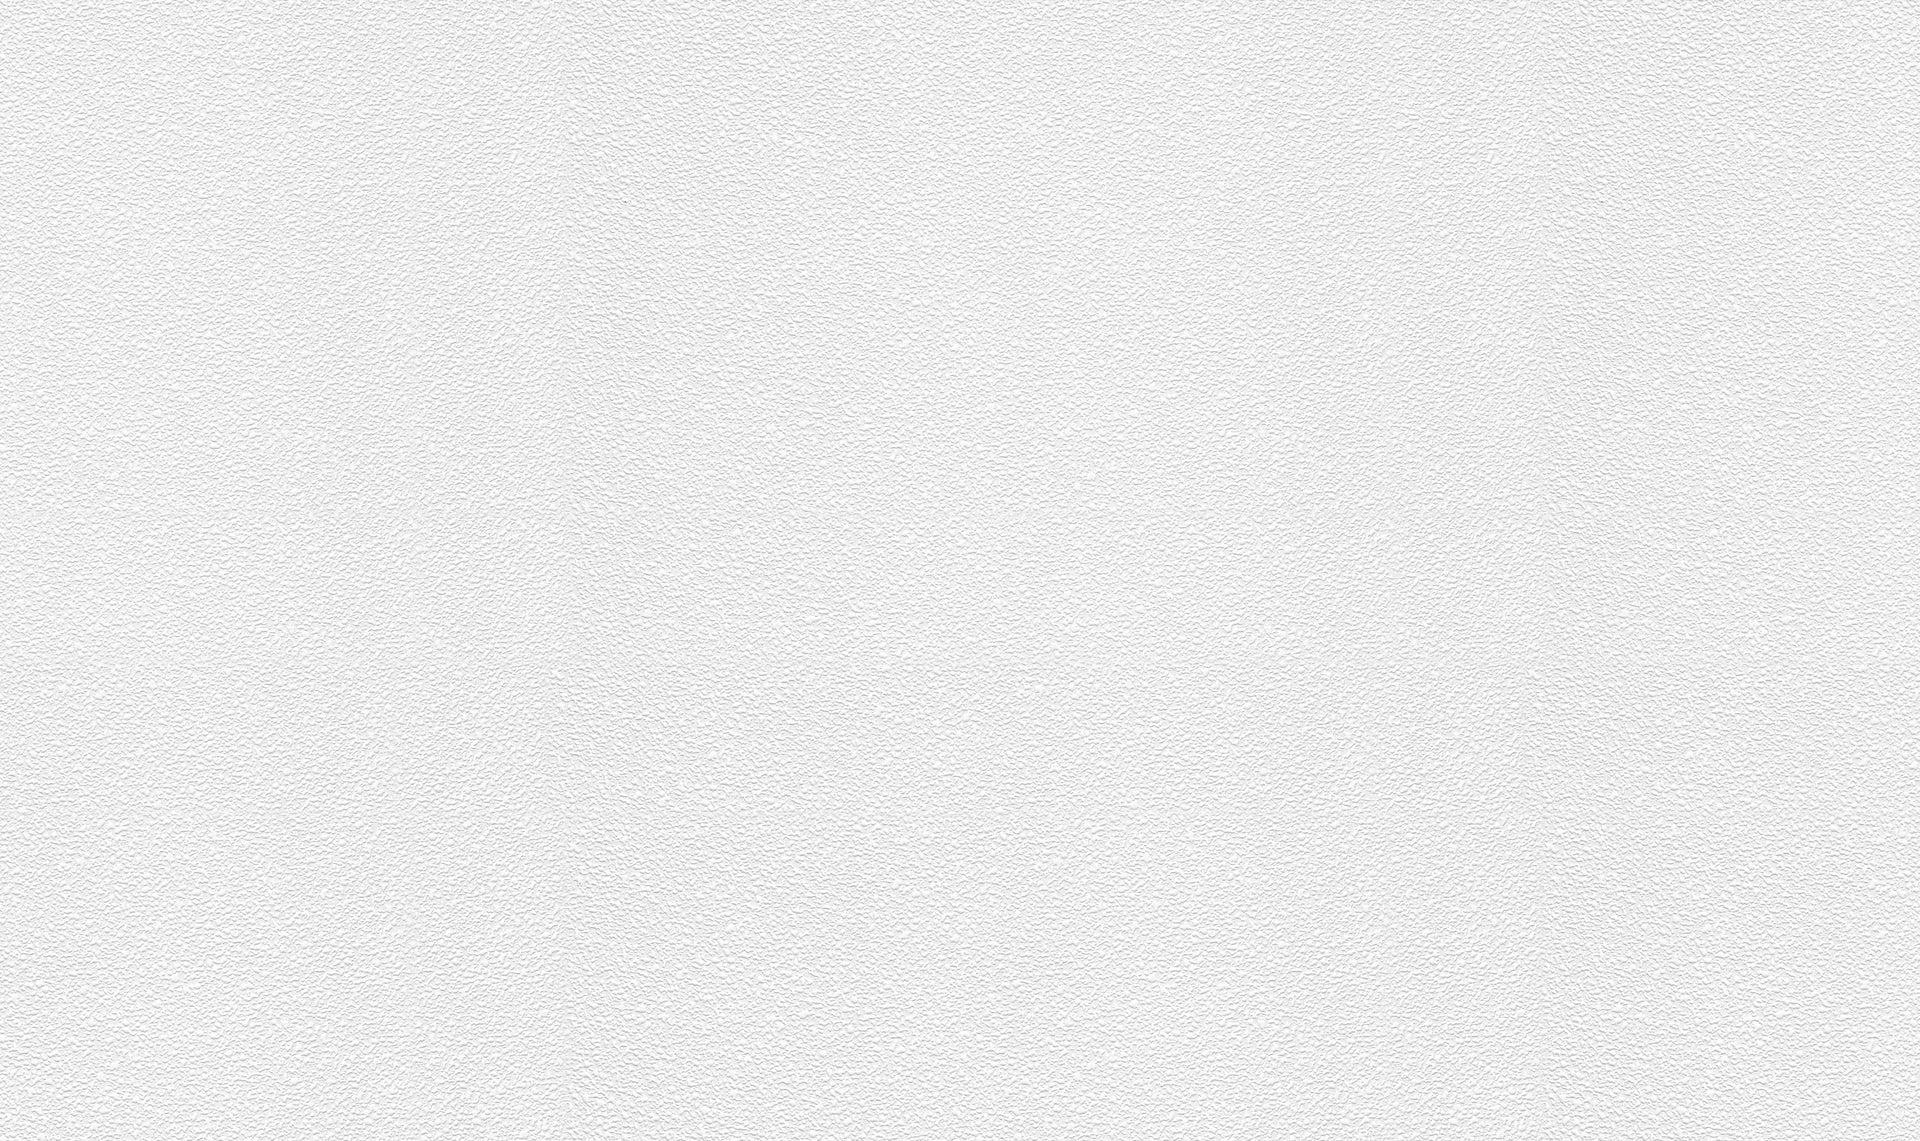 Papier peint intissé Robusto 170g/m² crépi bulle, L.106 cm blanc à peindre   Leroy Merlin